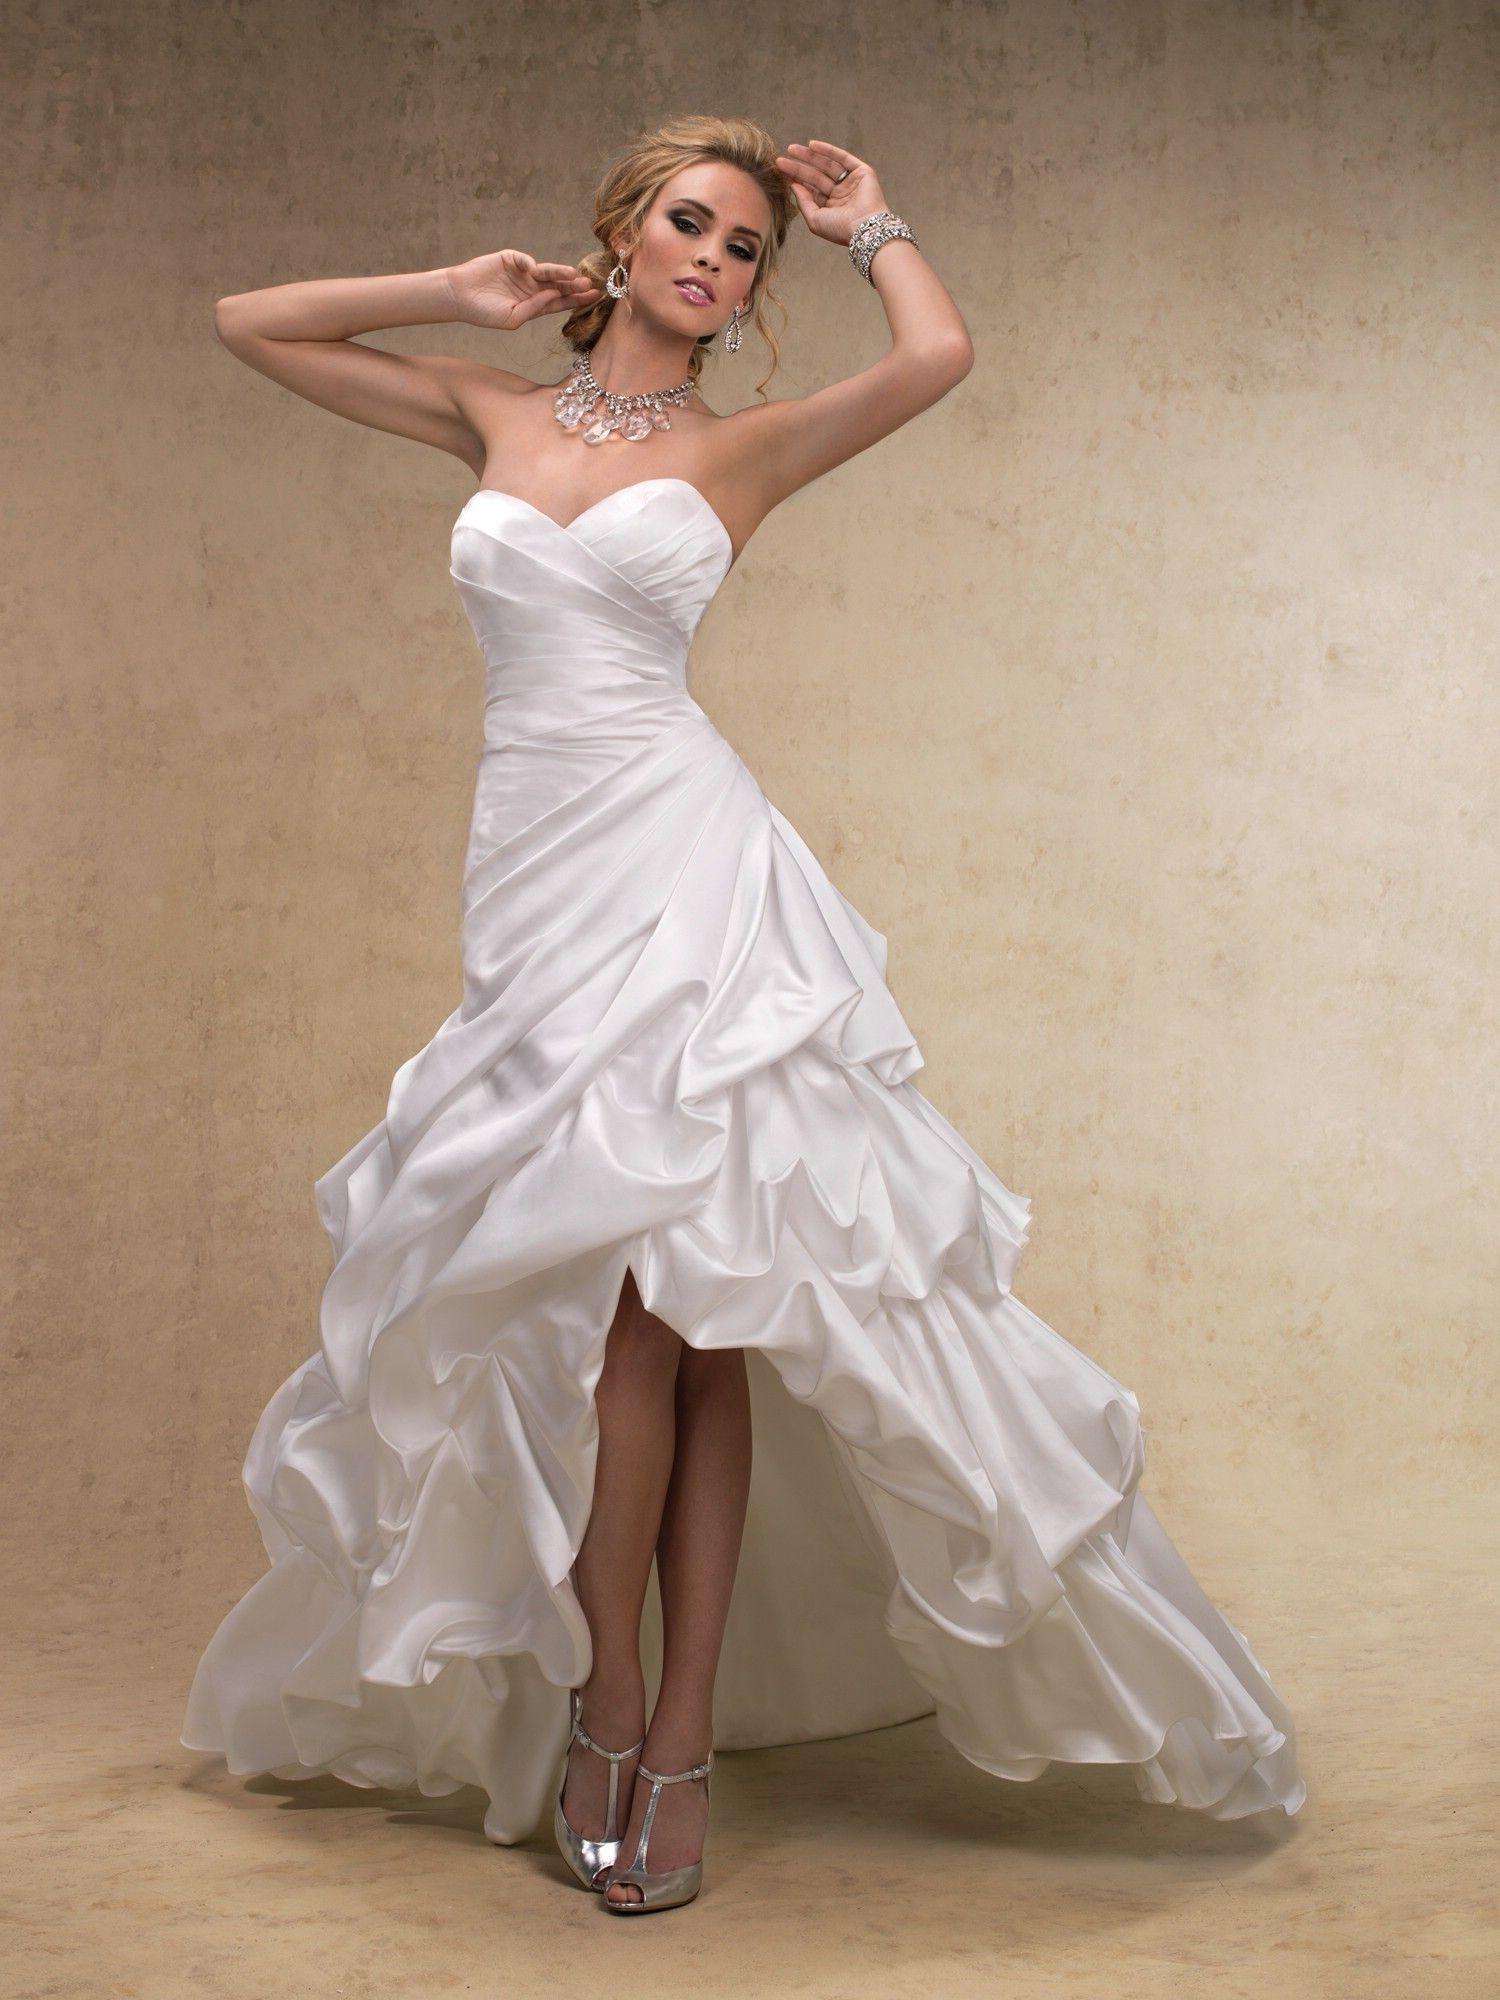 Maggie Sottero Wedding Dresses - Style Avery I want ivory! | Wedding ...